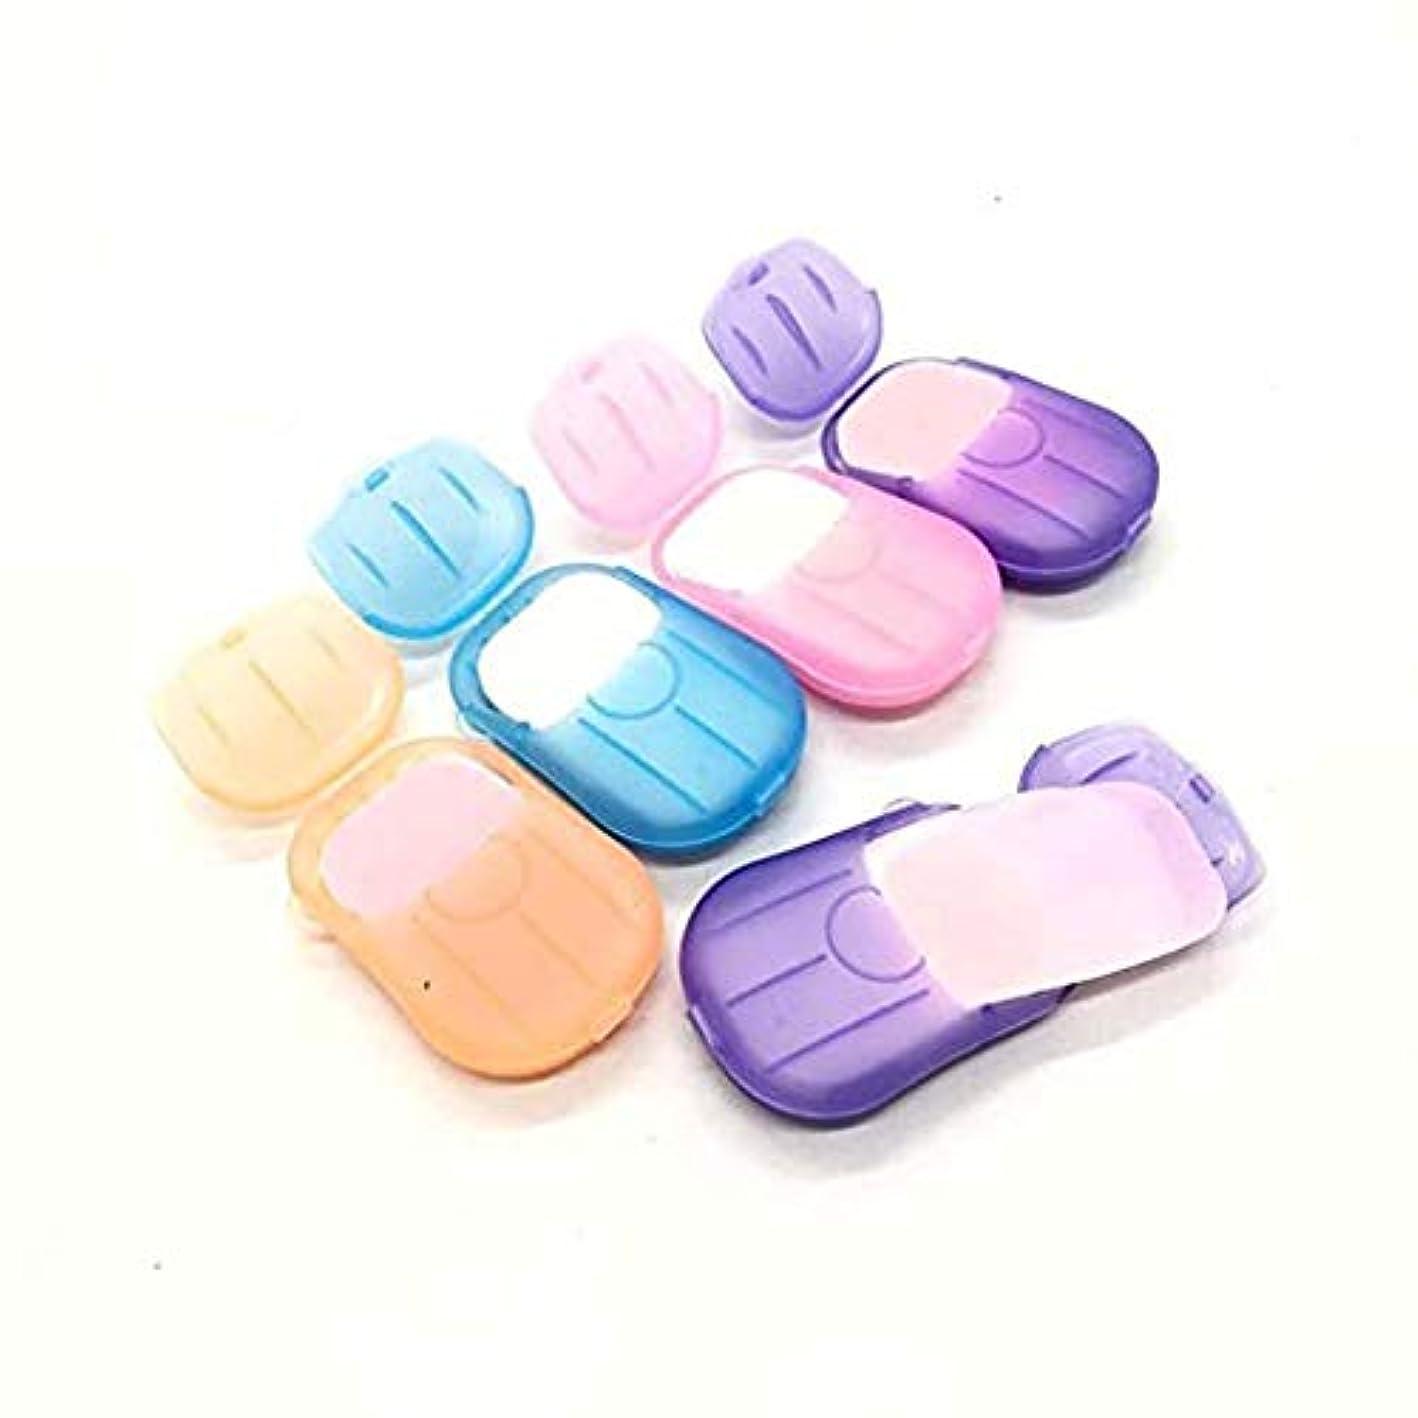 伝統的汗辛いArvolno ペーパーソープ 紙せっけん 6個セット 石鹸 携帯用除菌 香り 超軽量 持ち運び 手洗い/お風呂 お出かけ 旅行 20枚/ケース (6個セット)